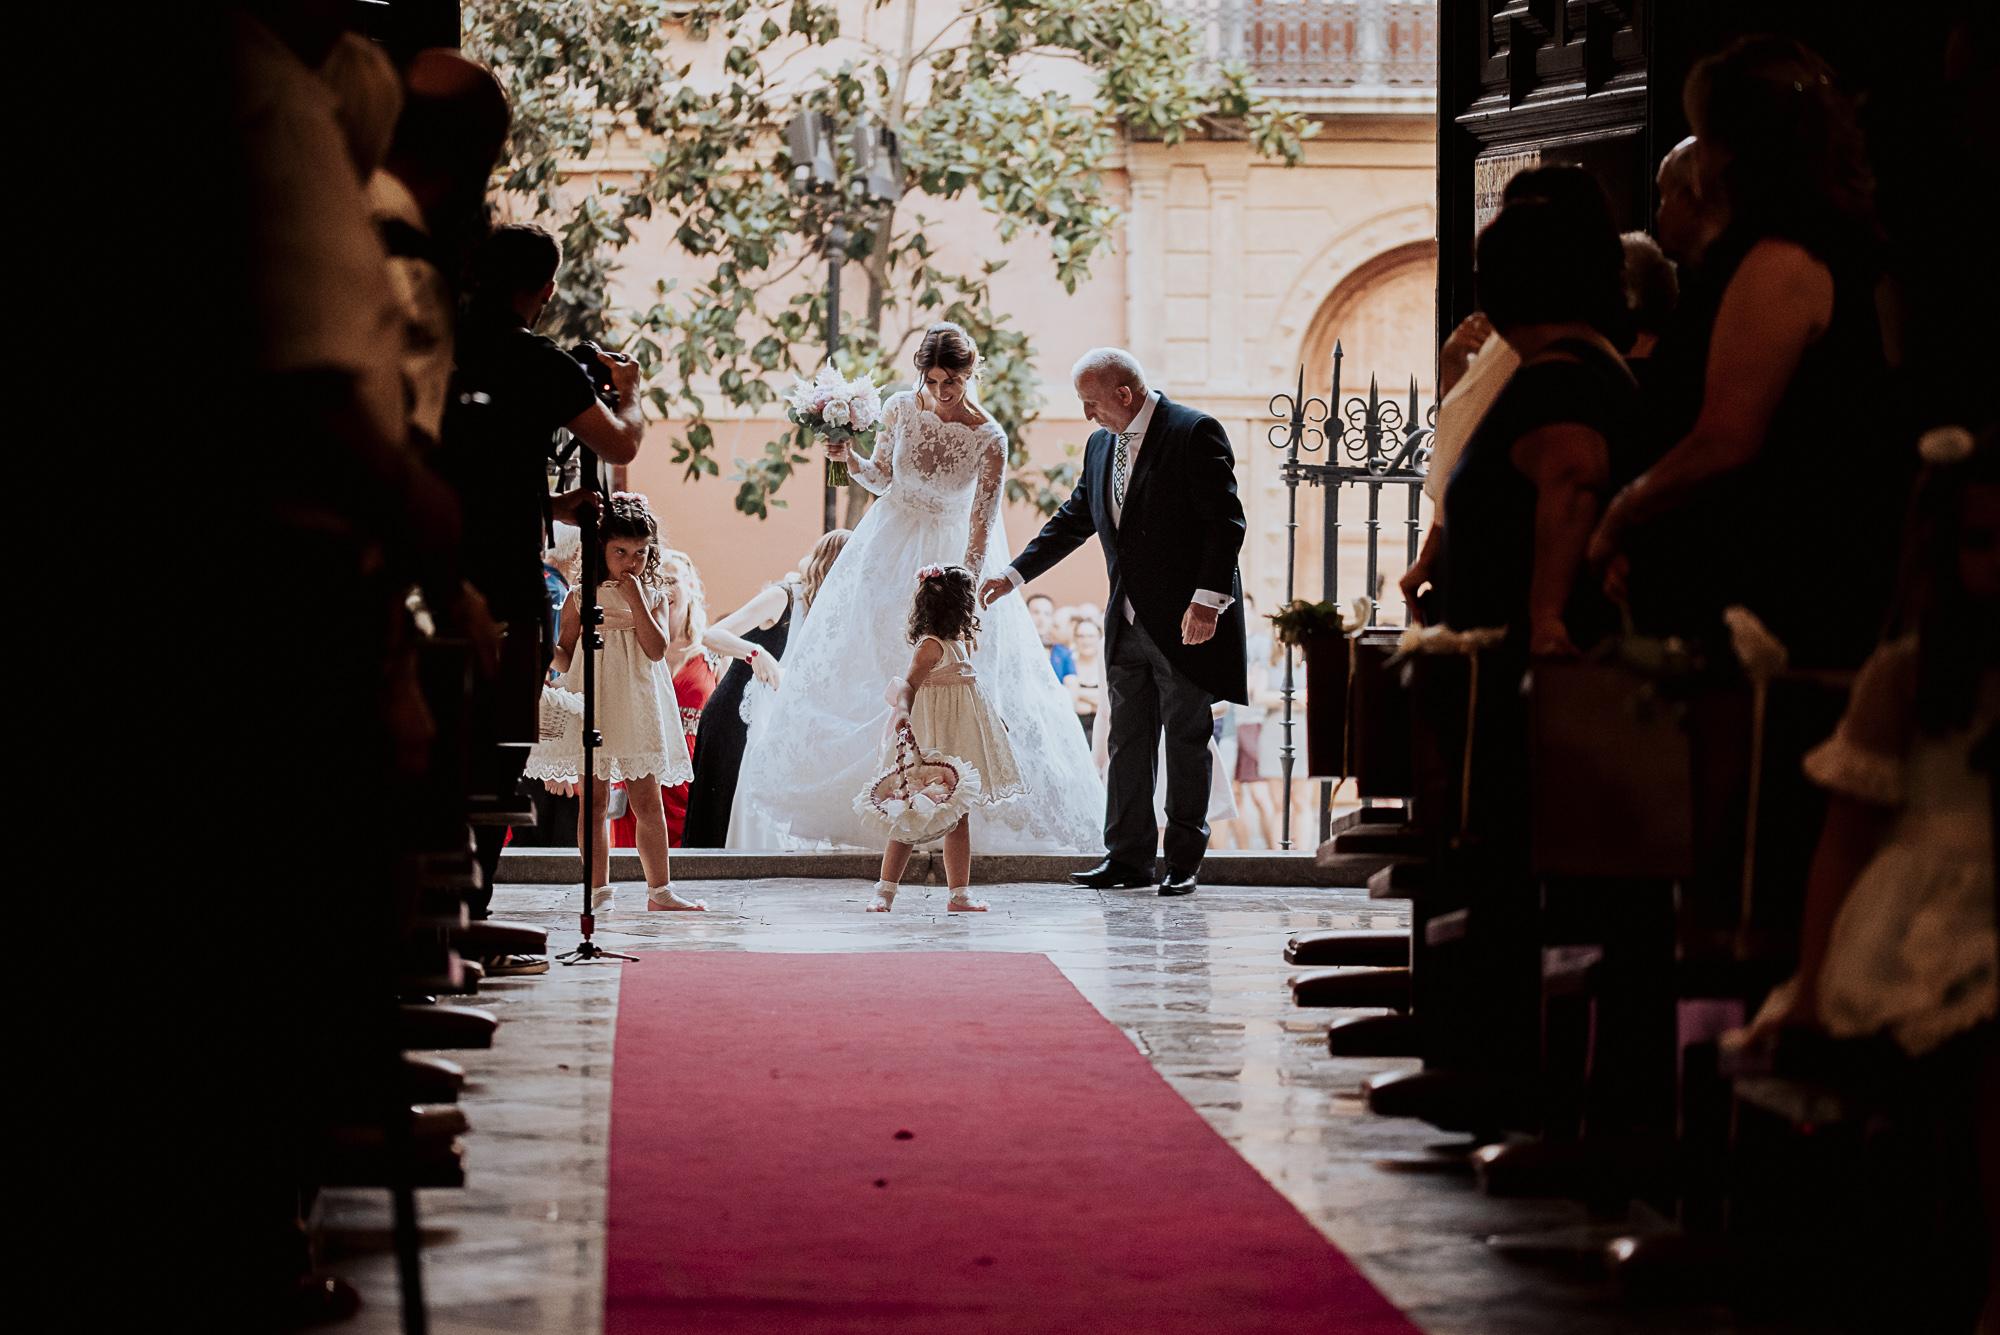 garatefotografia-fotografo-de-boda-en-Granada (69)